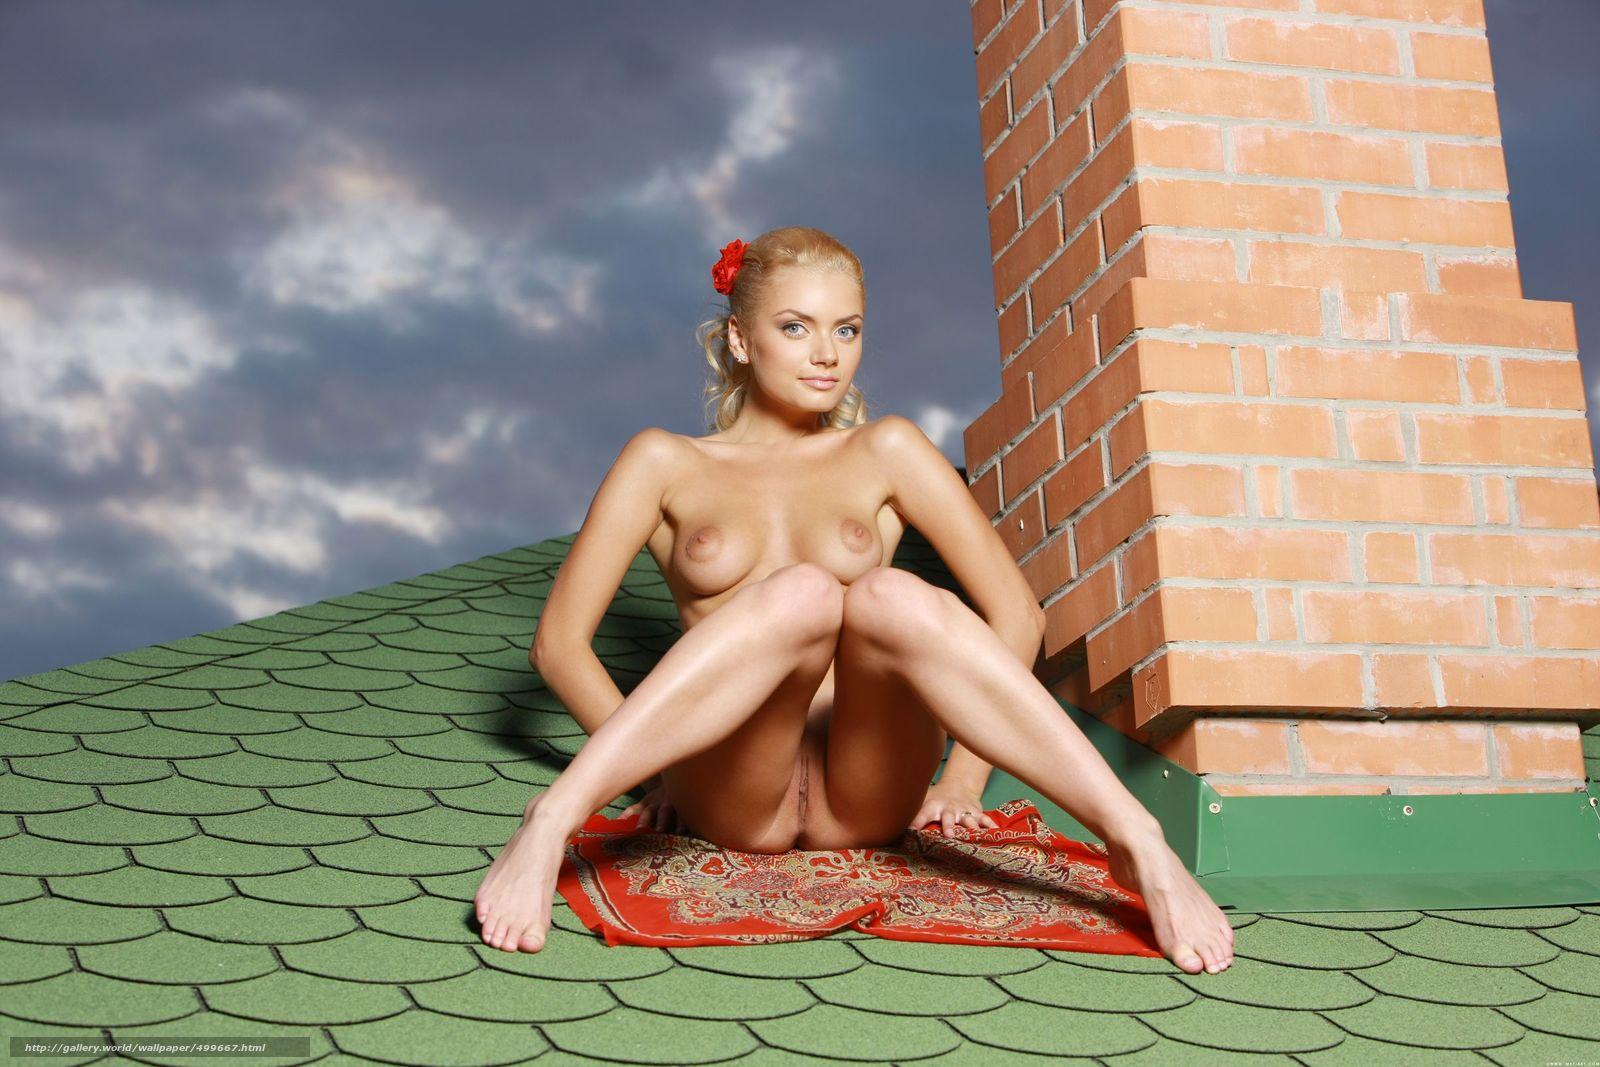 Посмотреть порнуху на крыше 9 фотография